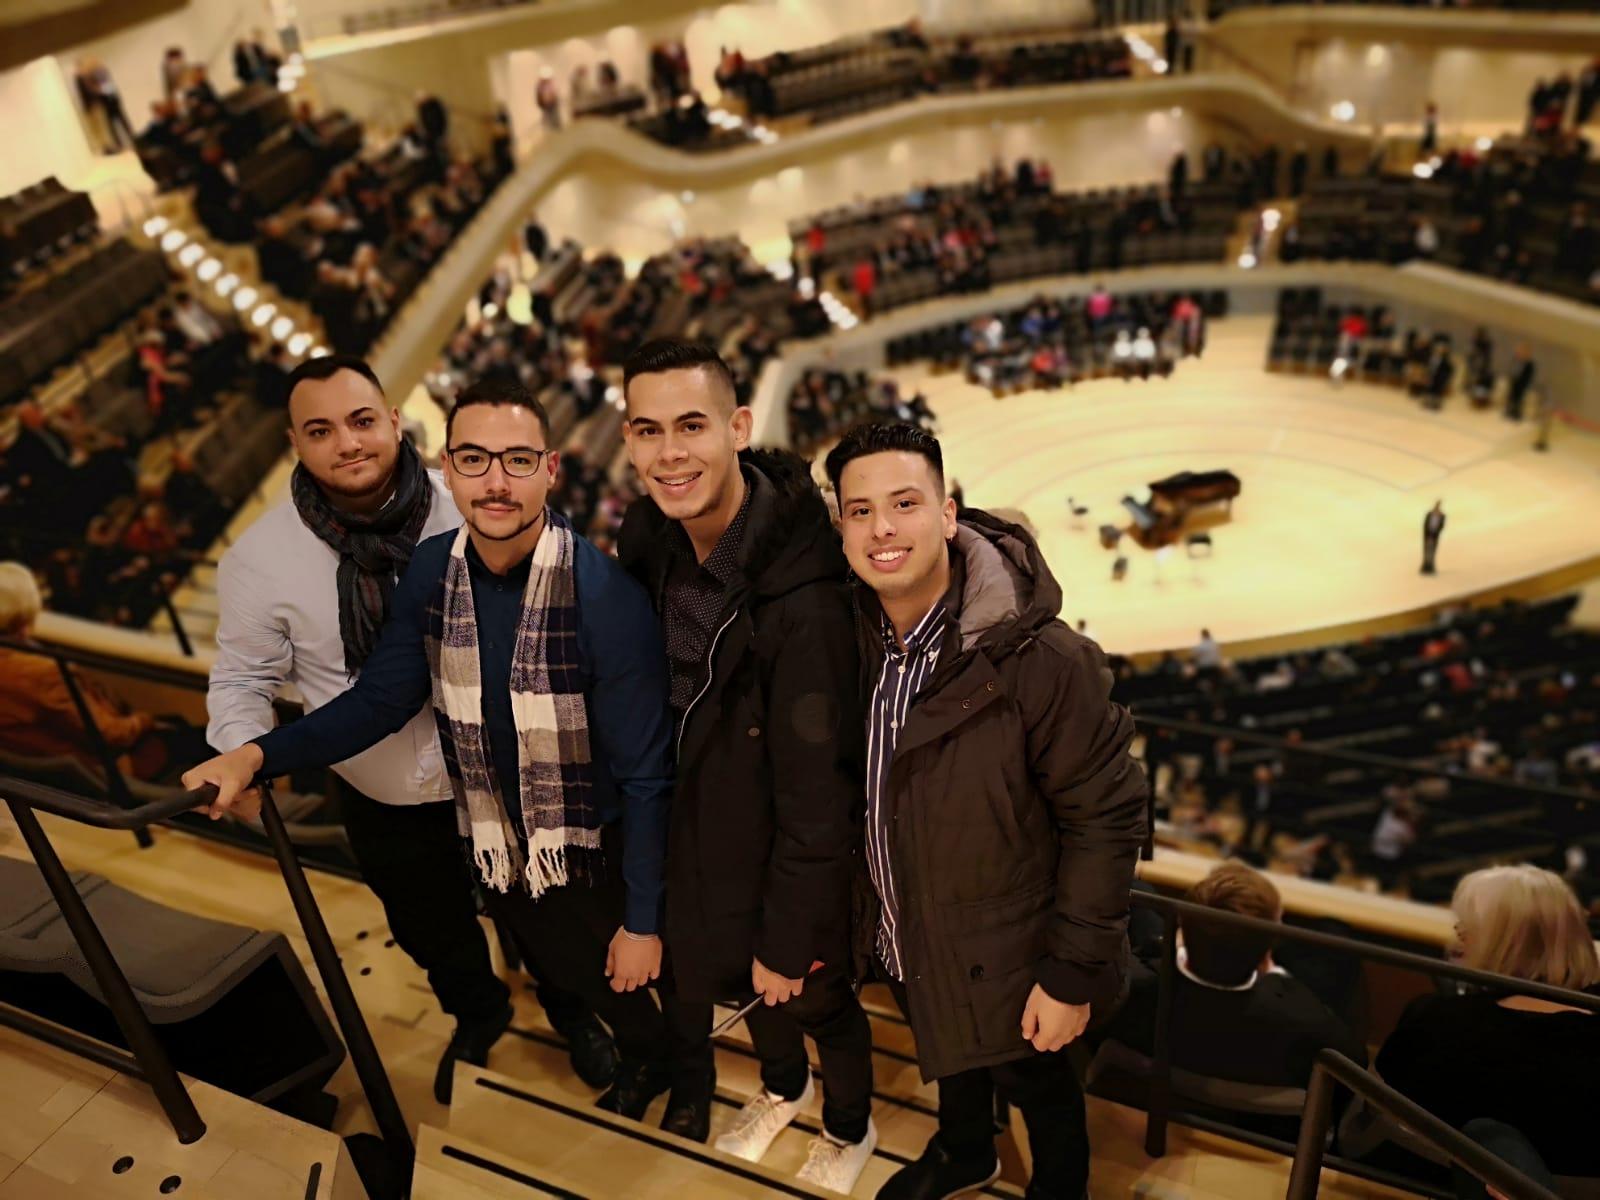 Konzert in der Elbphilharmonie